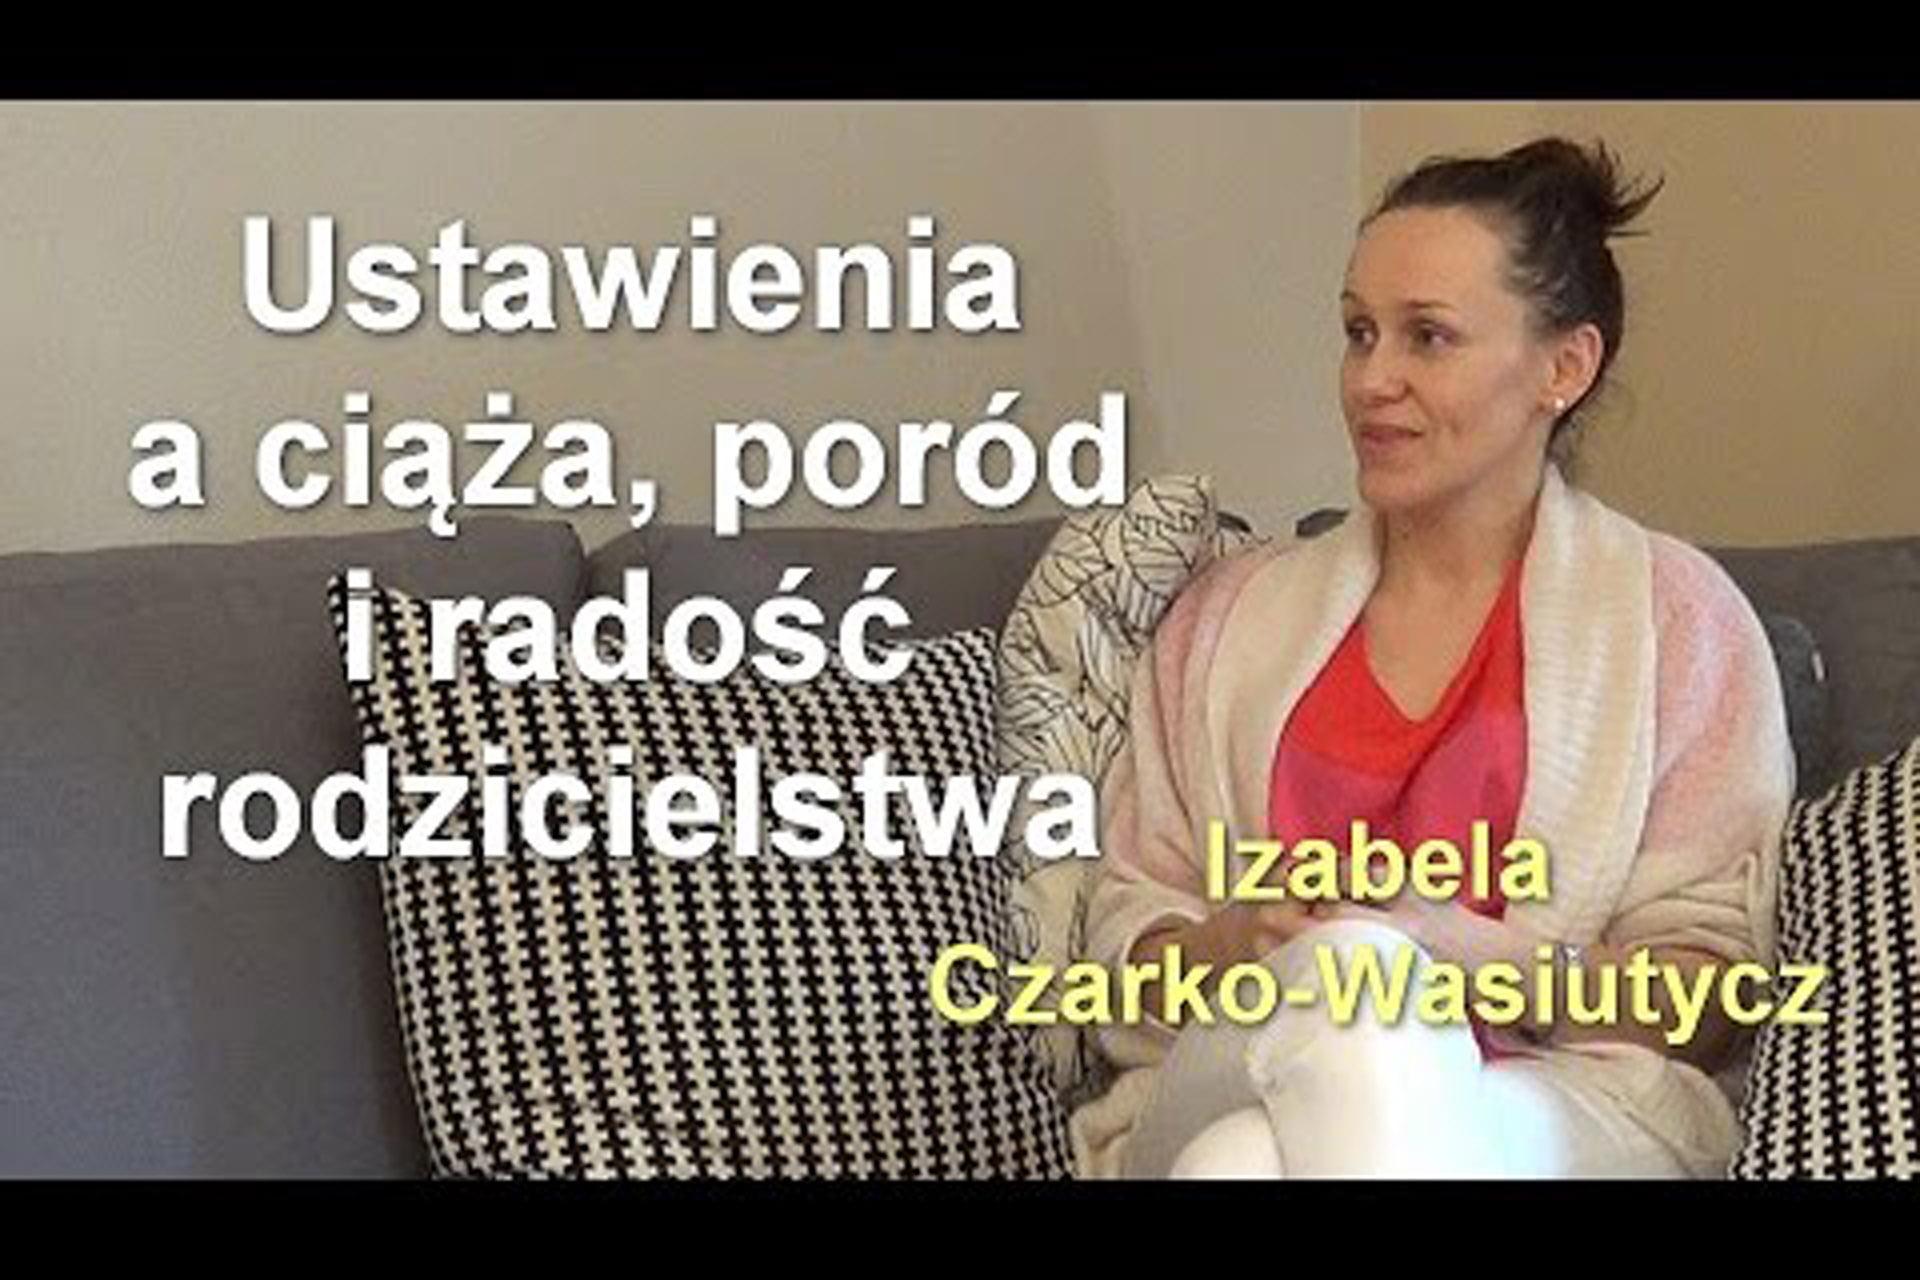 Ustawienia a ciąża, poród i radość rodzicielstwa - Izabela Czarko-Wasiutycz